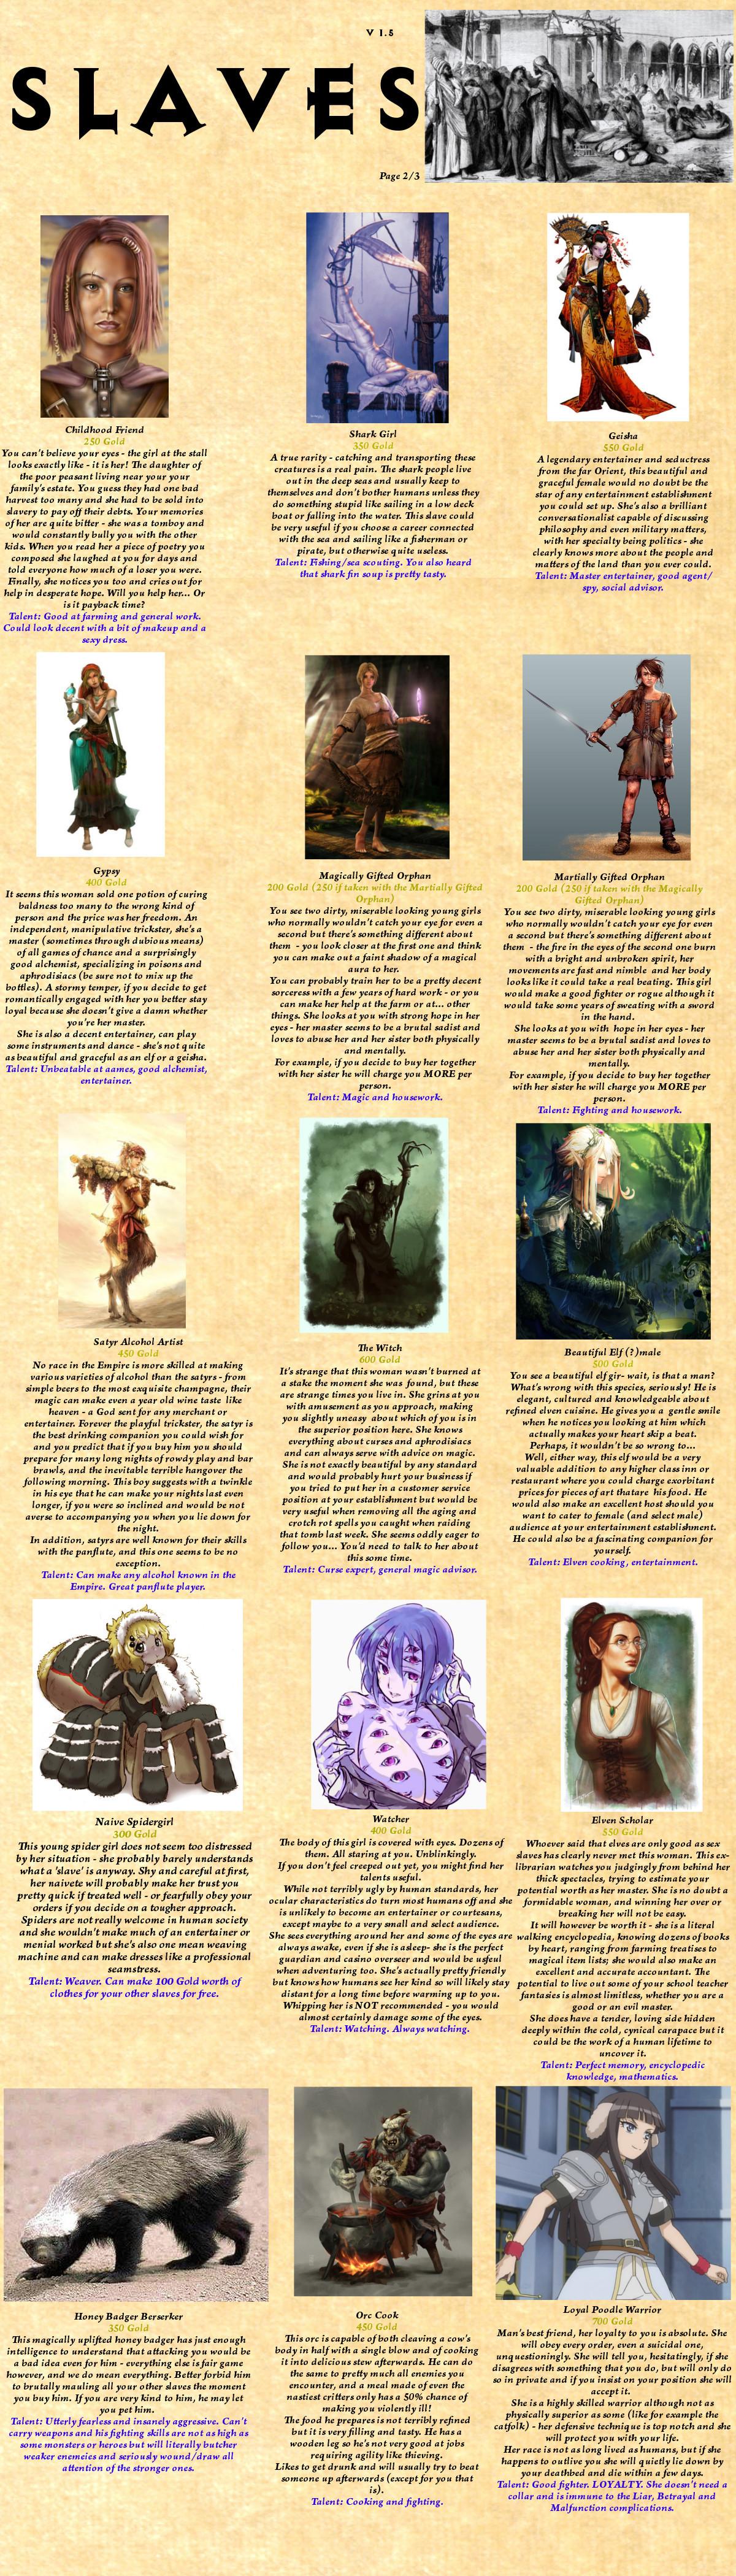 Magician slave hentia uncensored model